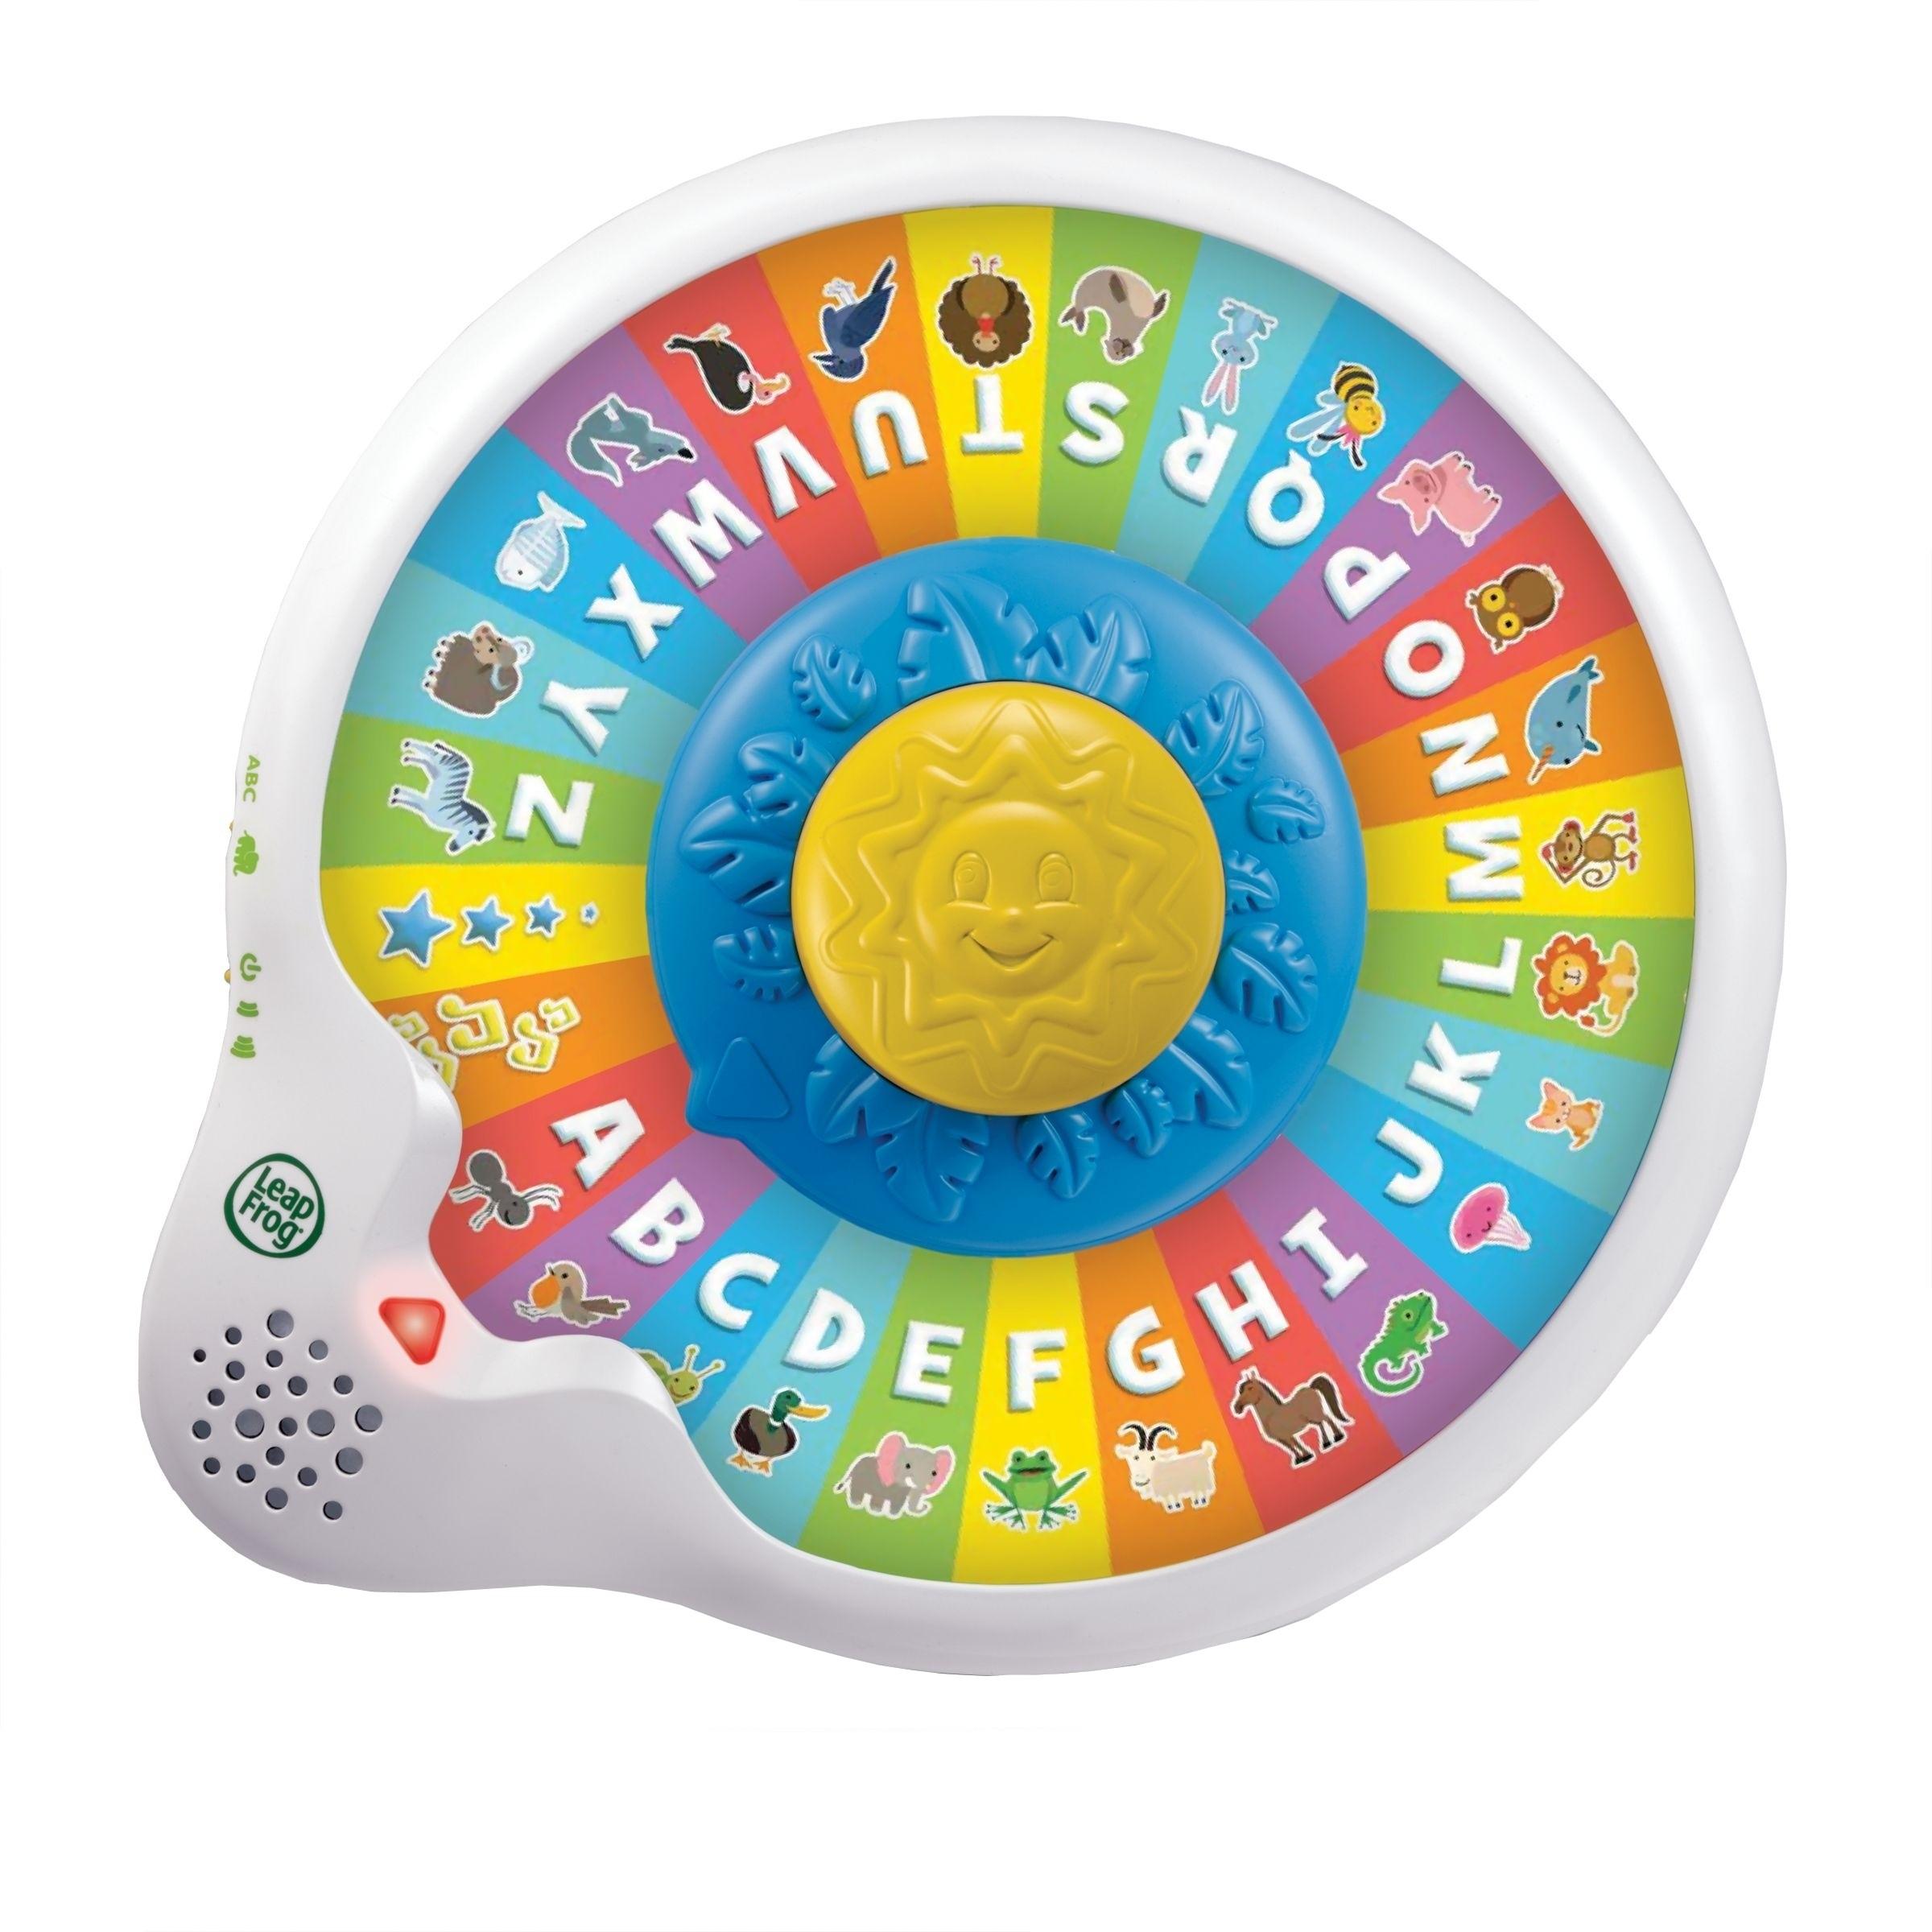 spinner online free